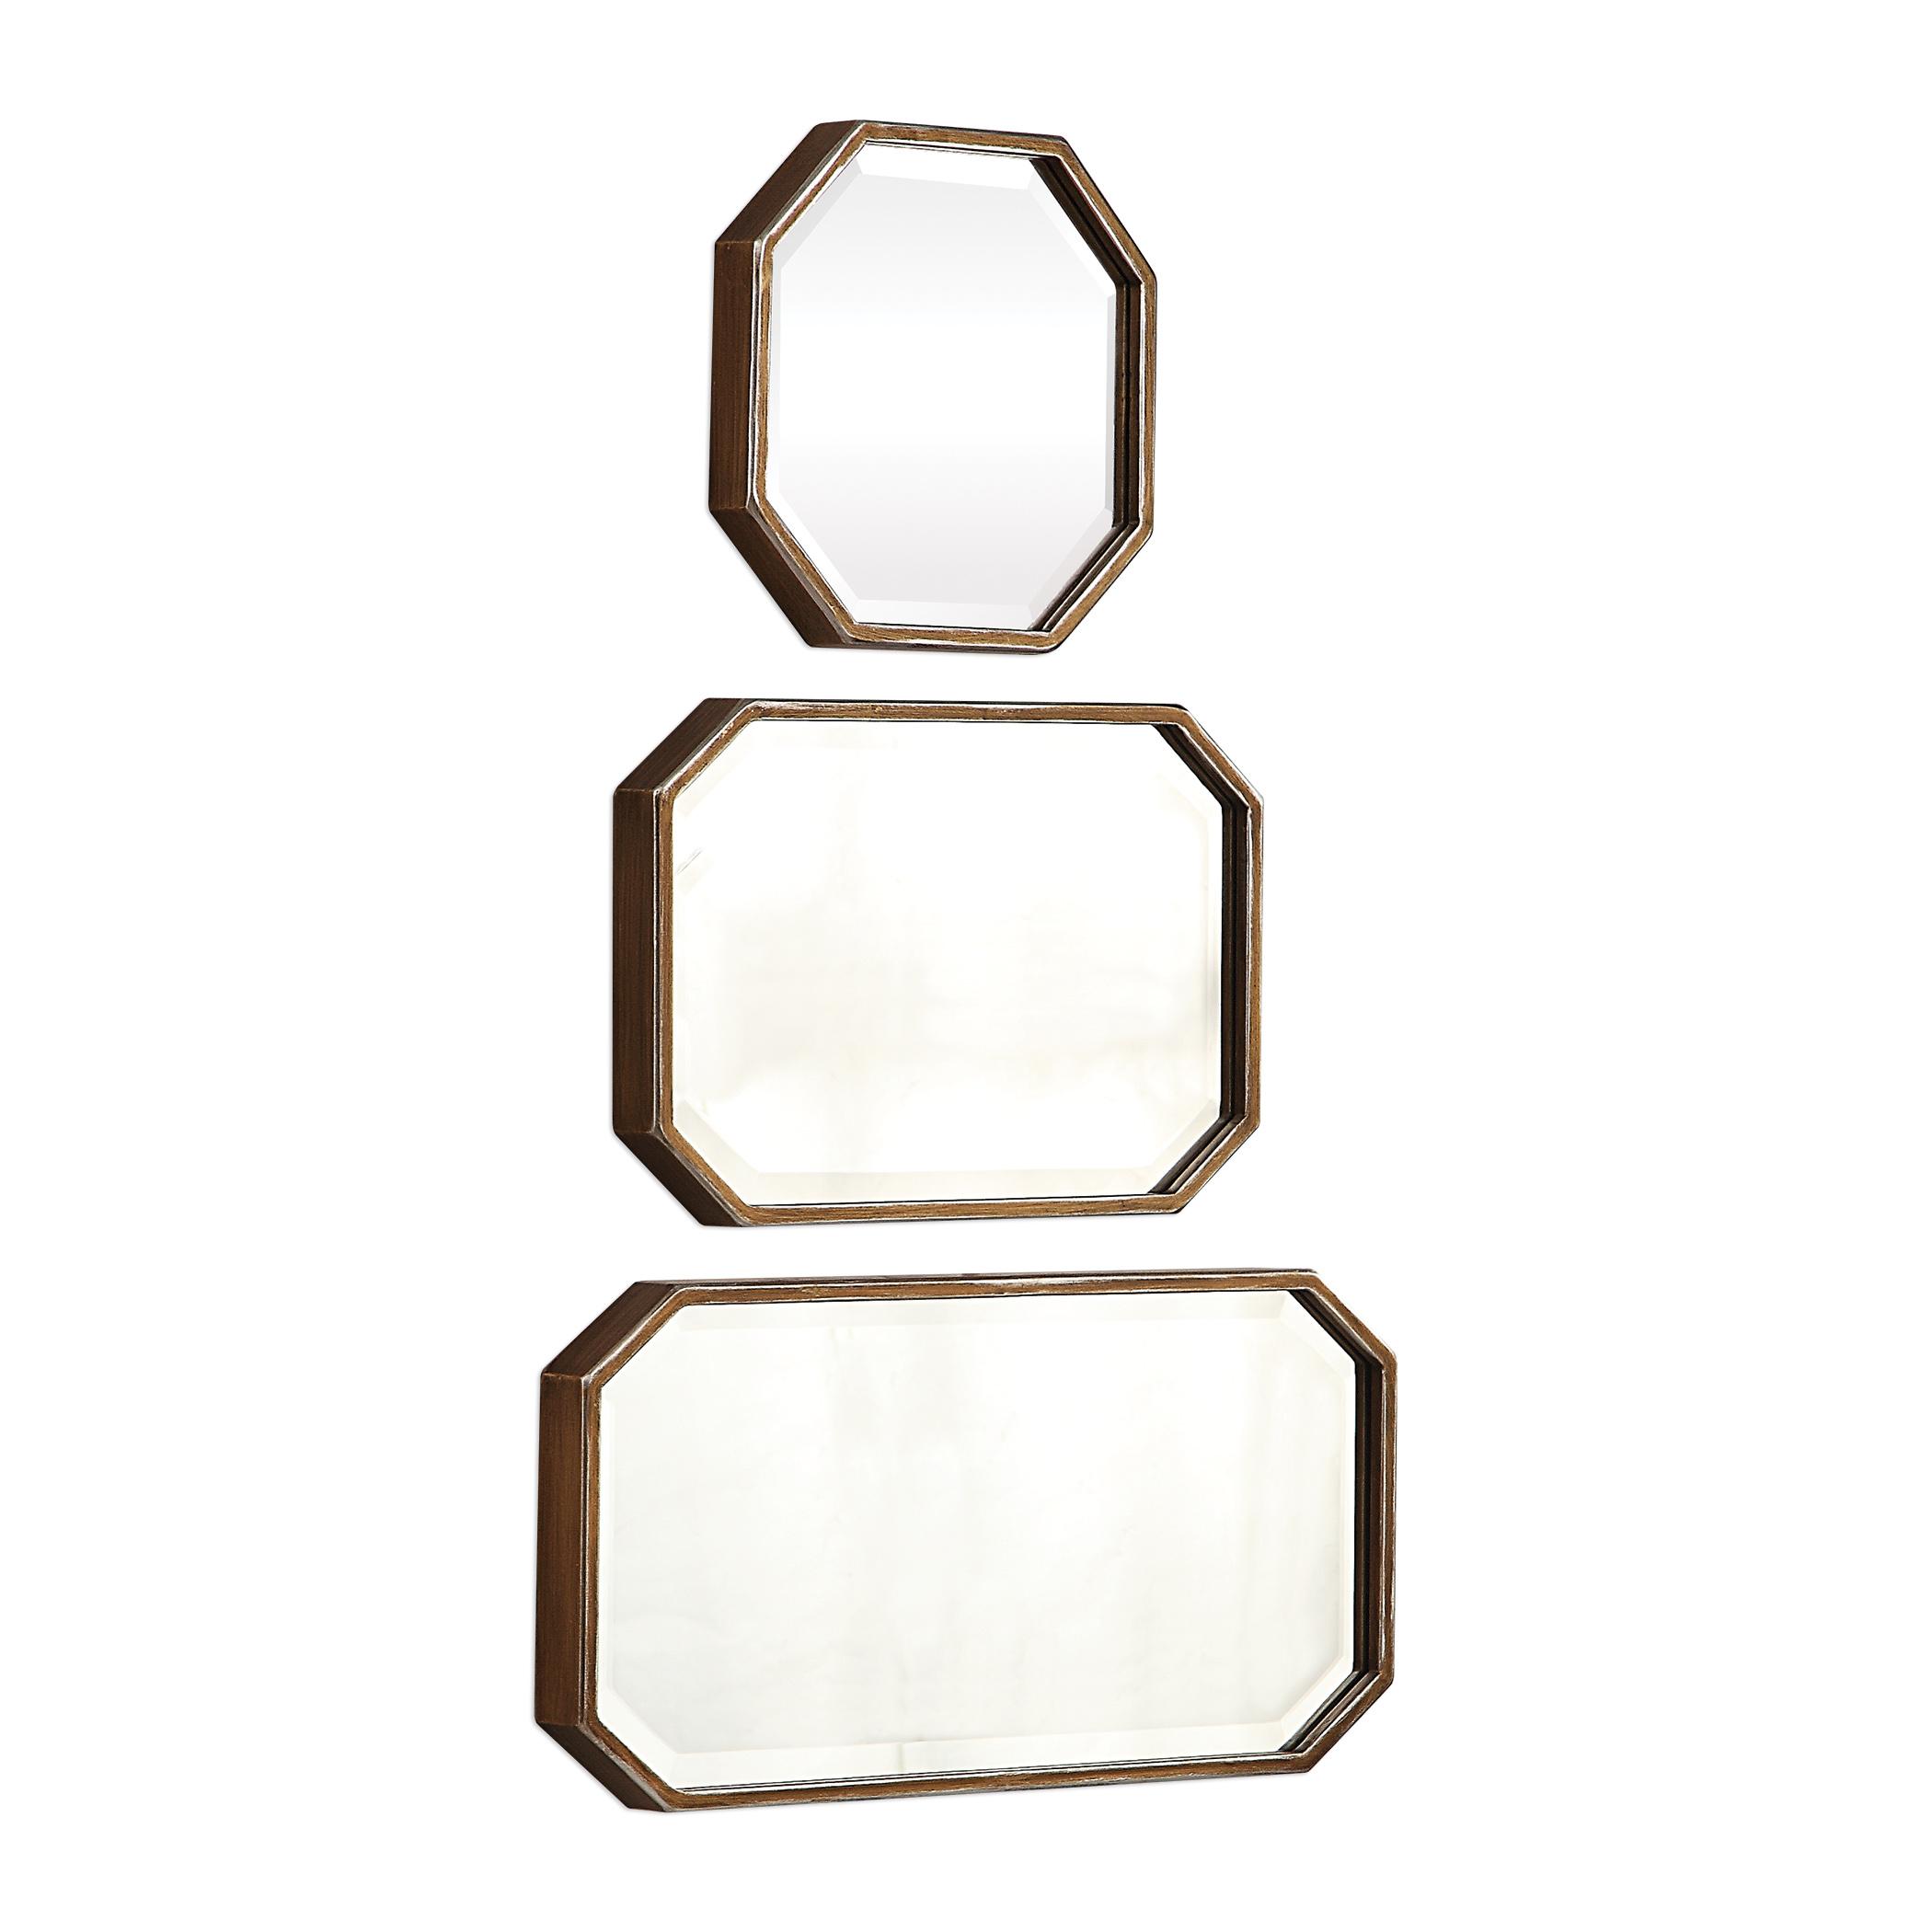 Trois Gold Mirrors, S/3